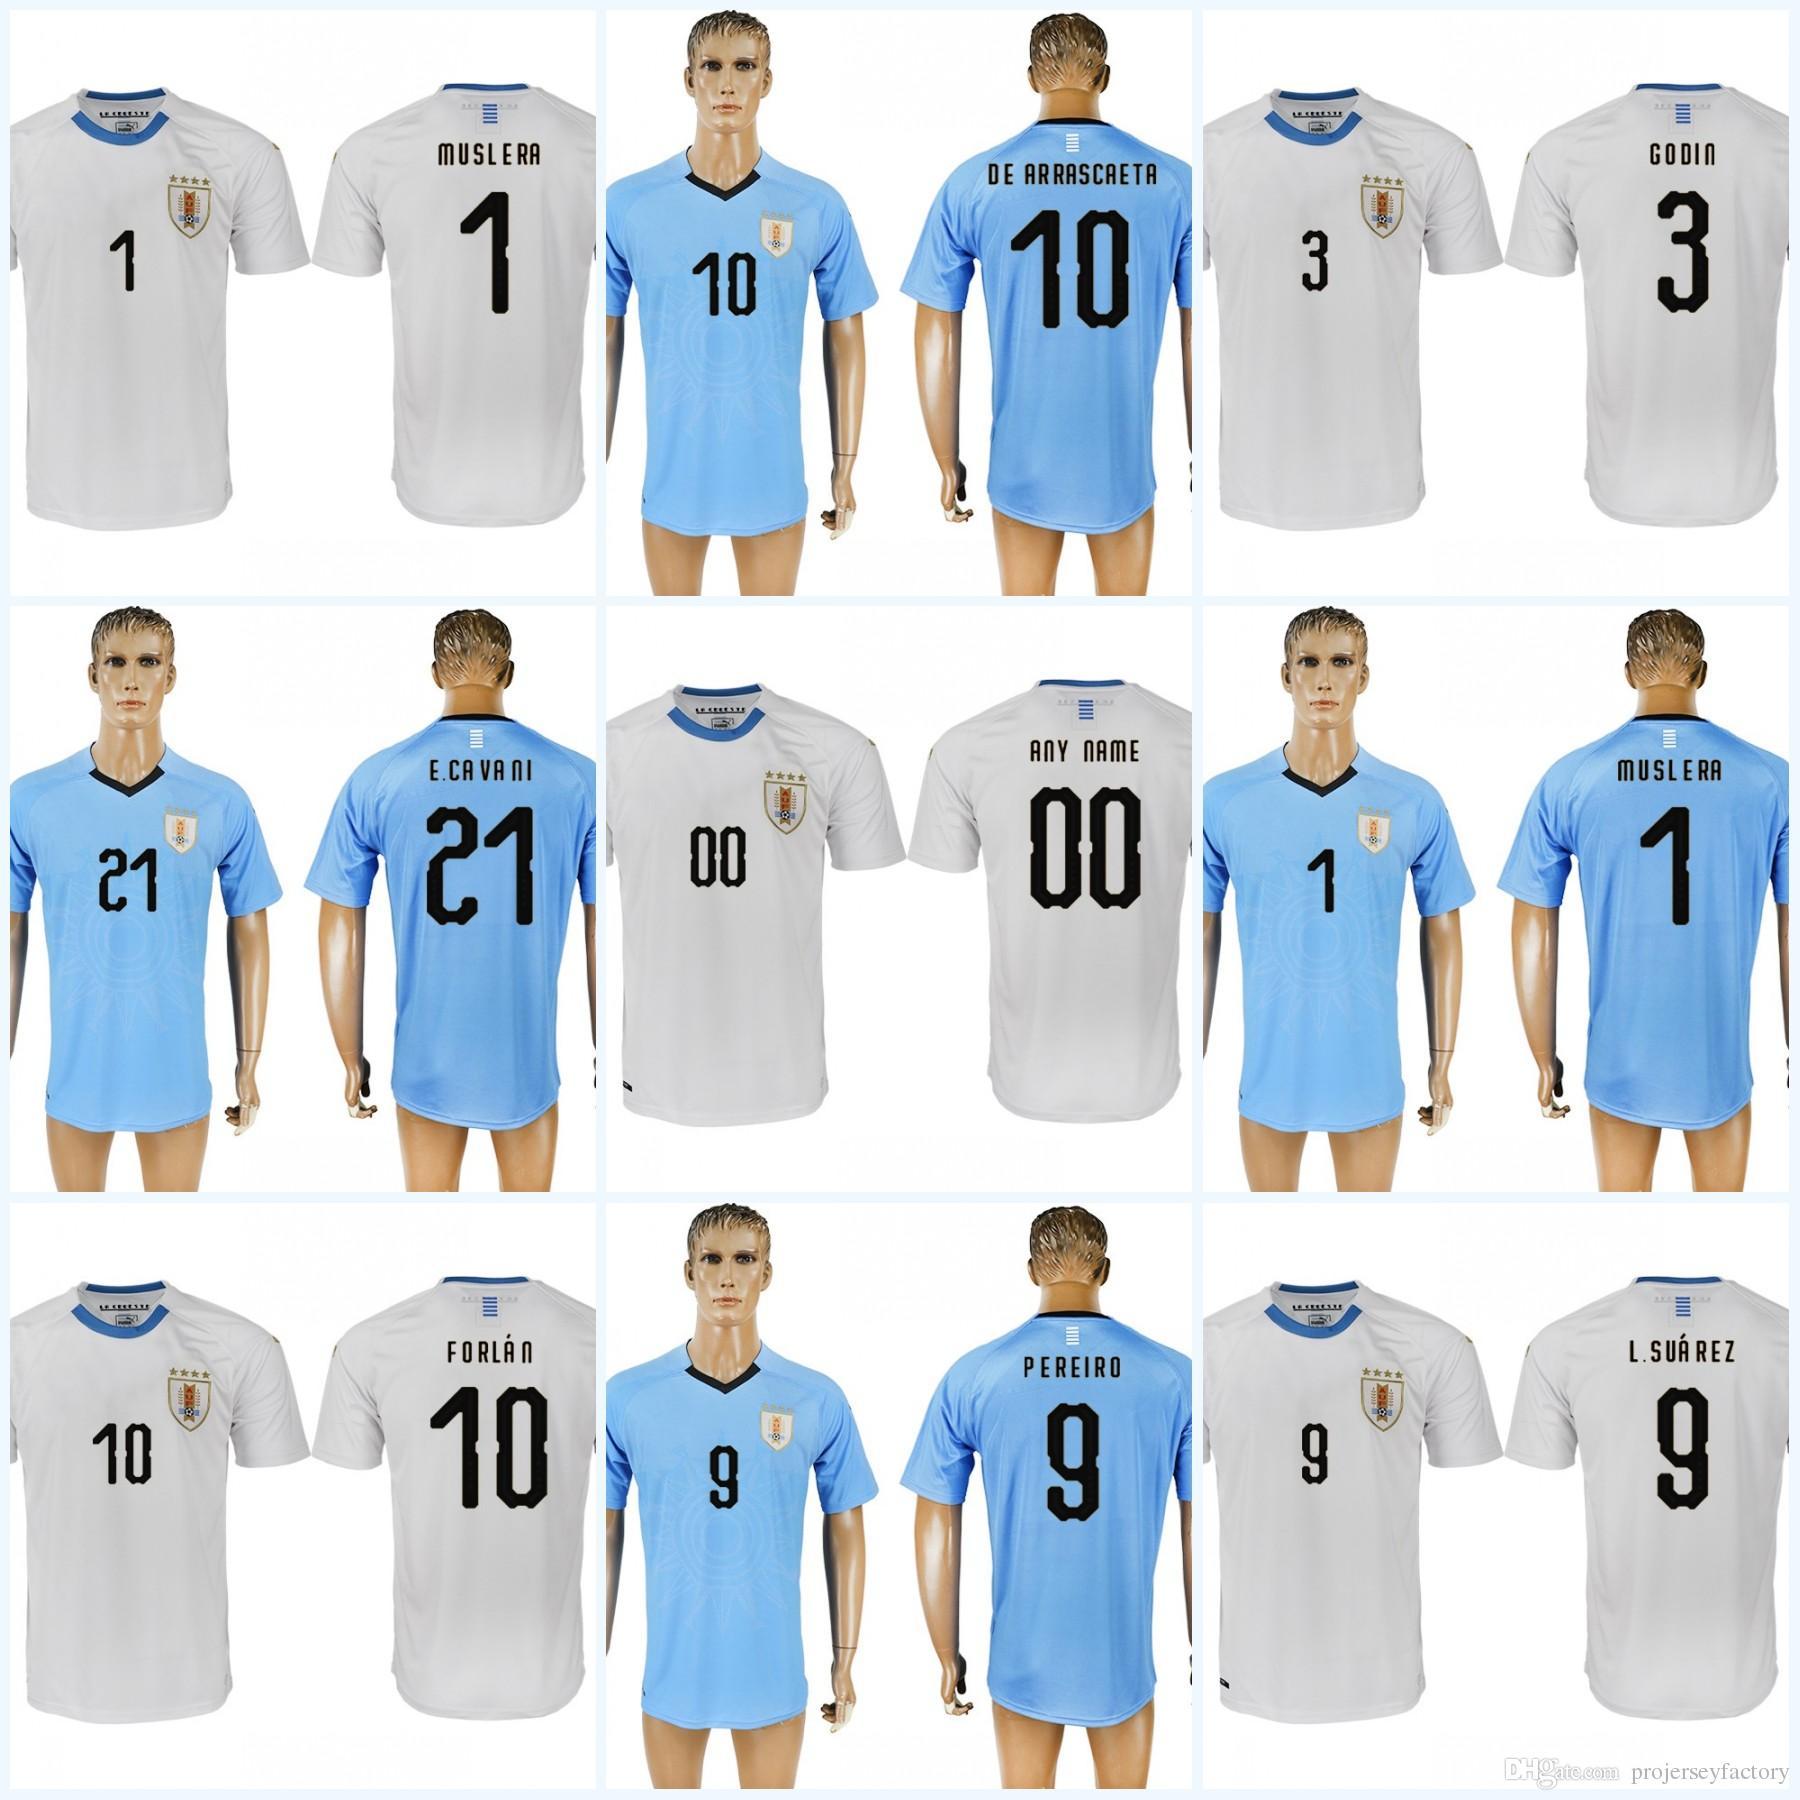 618376e79 Stitched Mens Uruguay 2018 World Cup Soccer Jersey 9 L.SUAREZ 21 E ...